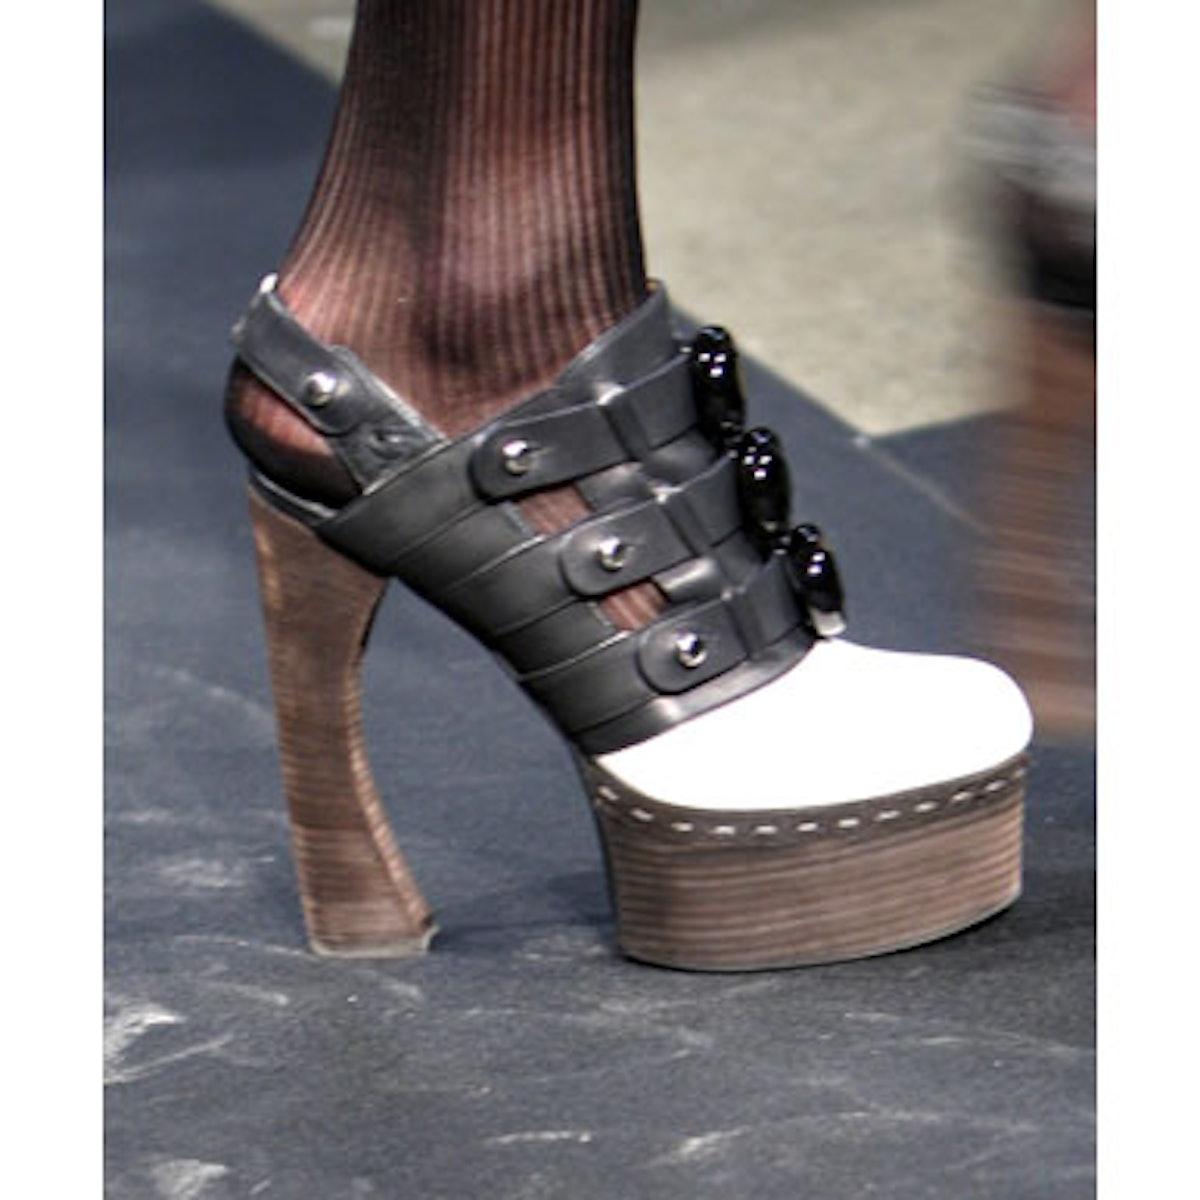 blog_shoes_proenza_schouler-thumb-386x386-13983.jpg